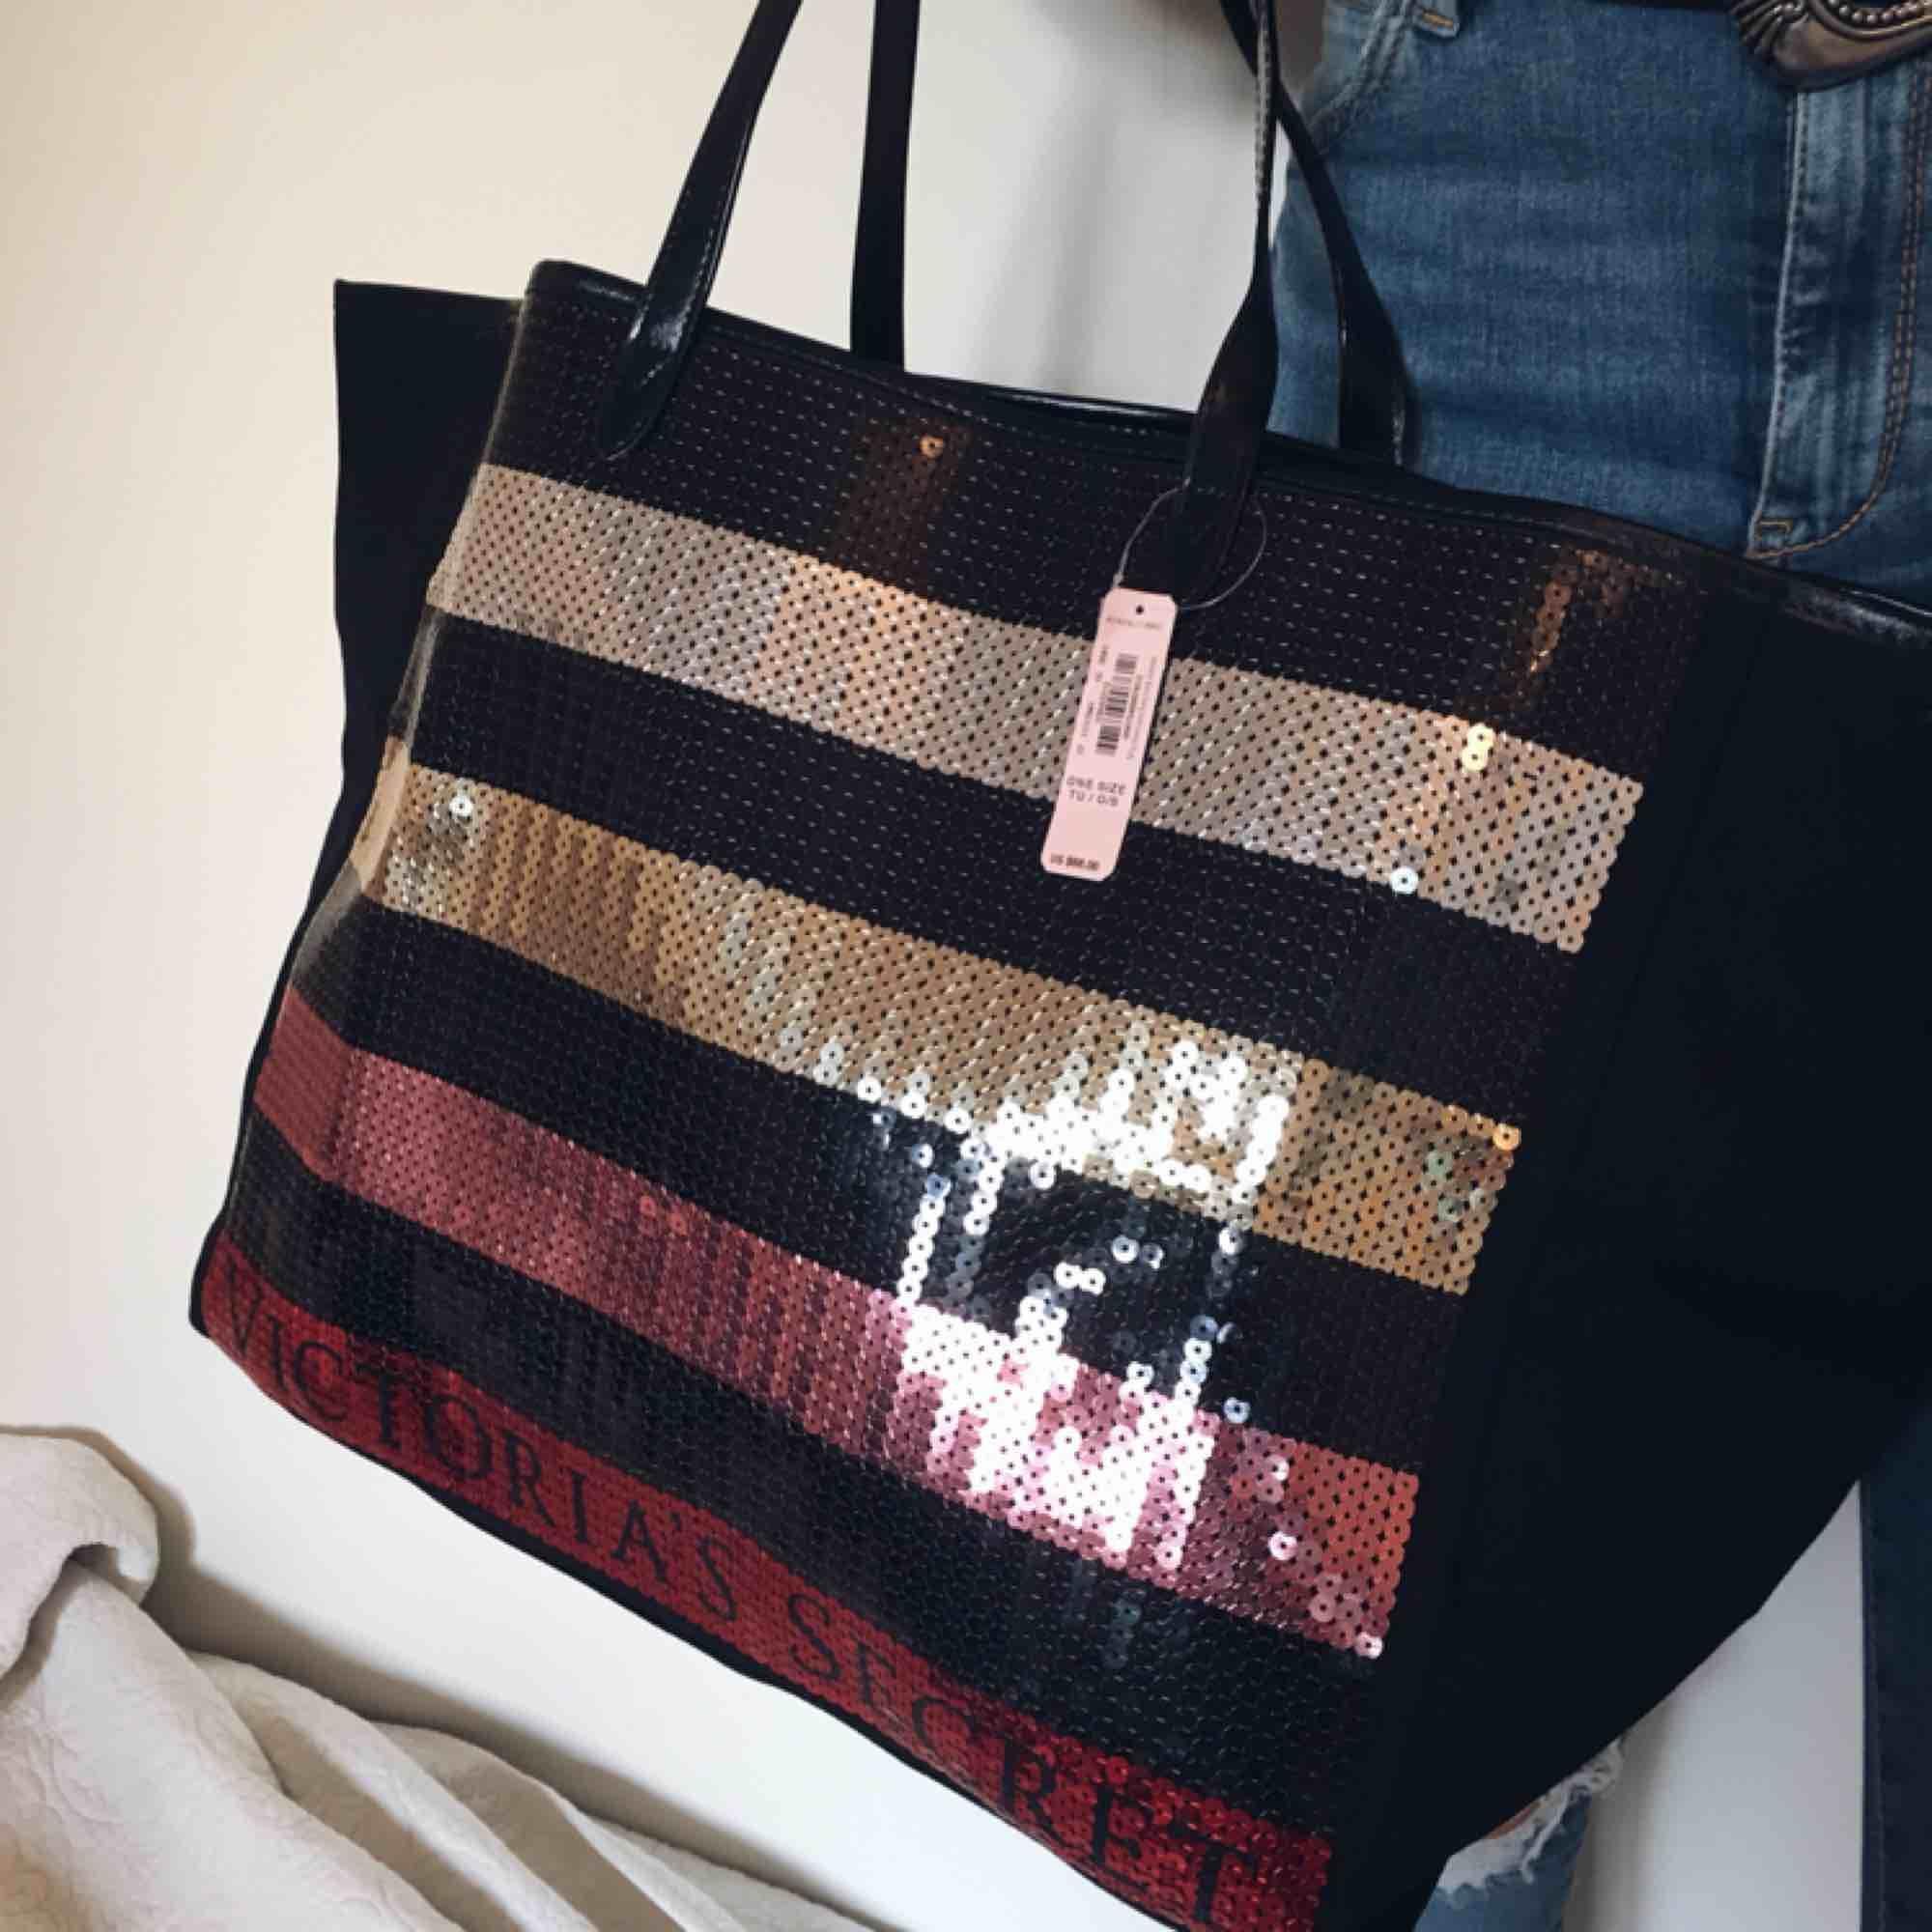 En helt ny stor och rymlig väska från Victoria's Secret, passar utmärkt som strandväska eller till träning! Köpt för ca 650 kr. Väskor.